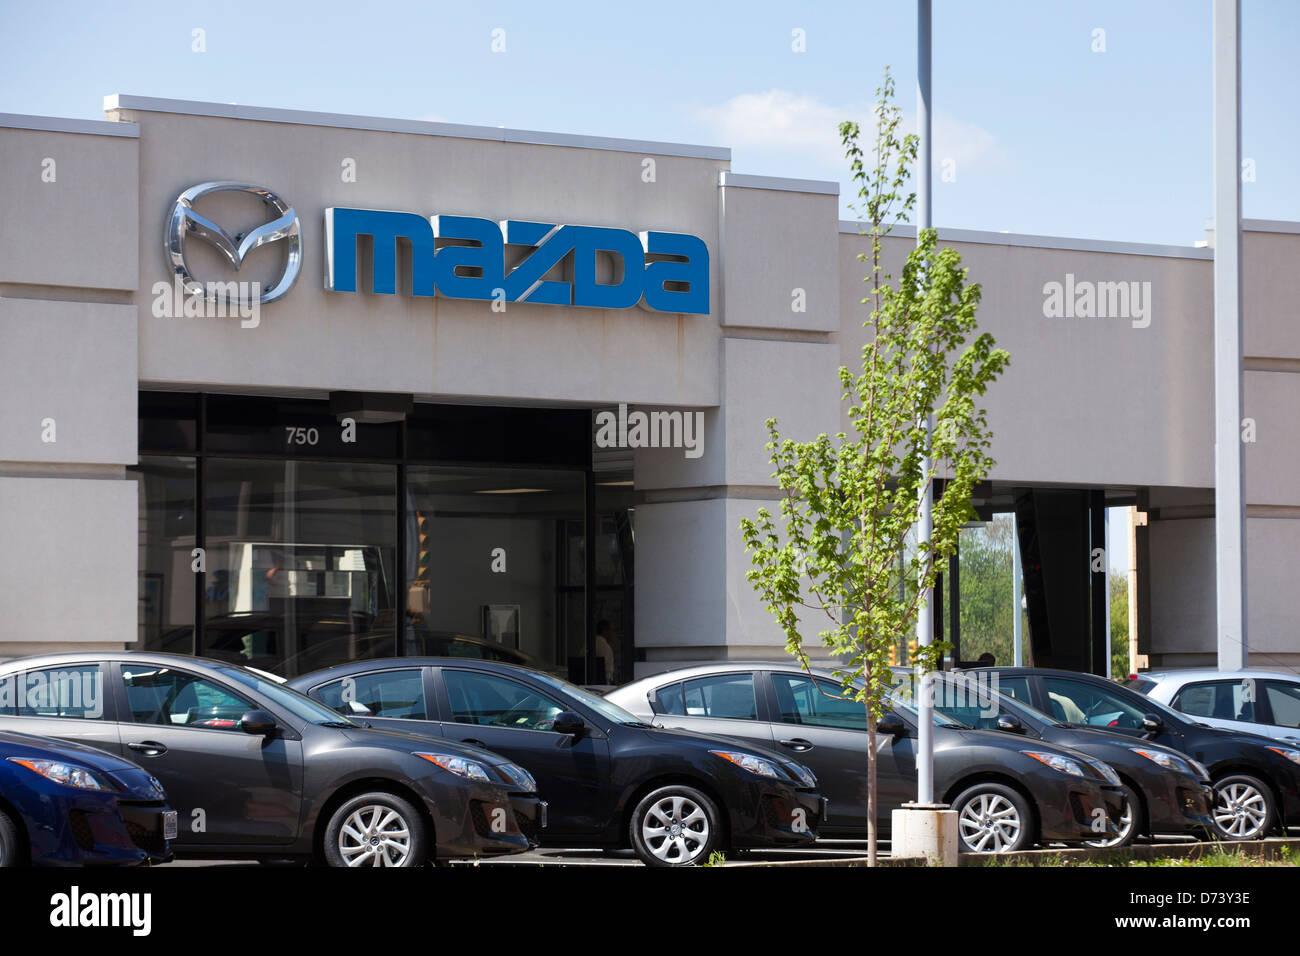 Kelebihan Kekurangan Dealer Mazda Perbandingan Harga